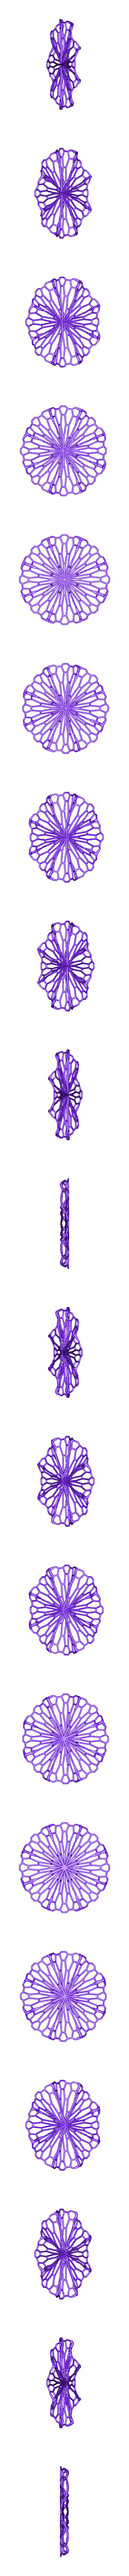 f_shape2_earrings_repaired.stl Télécharger fichier STL gratuit Art mathématique : Cercle froissé (boucles d'oreilles) • Design pour imprimante 3D, Kay